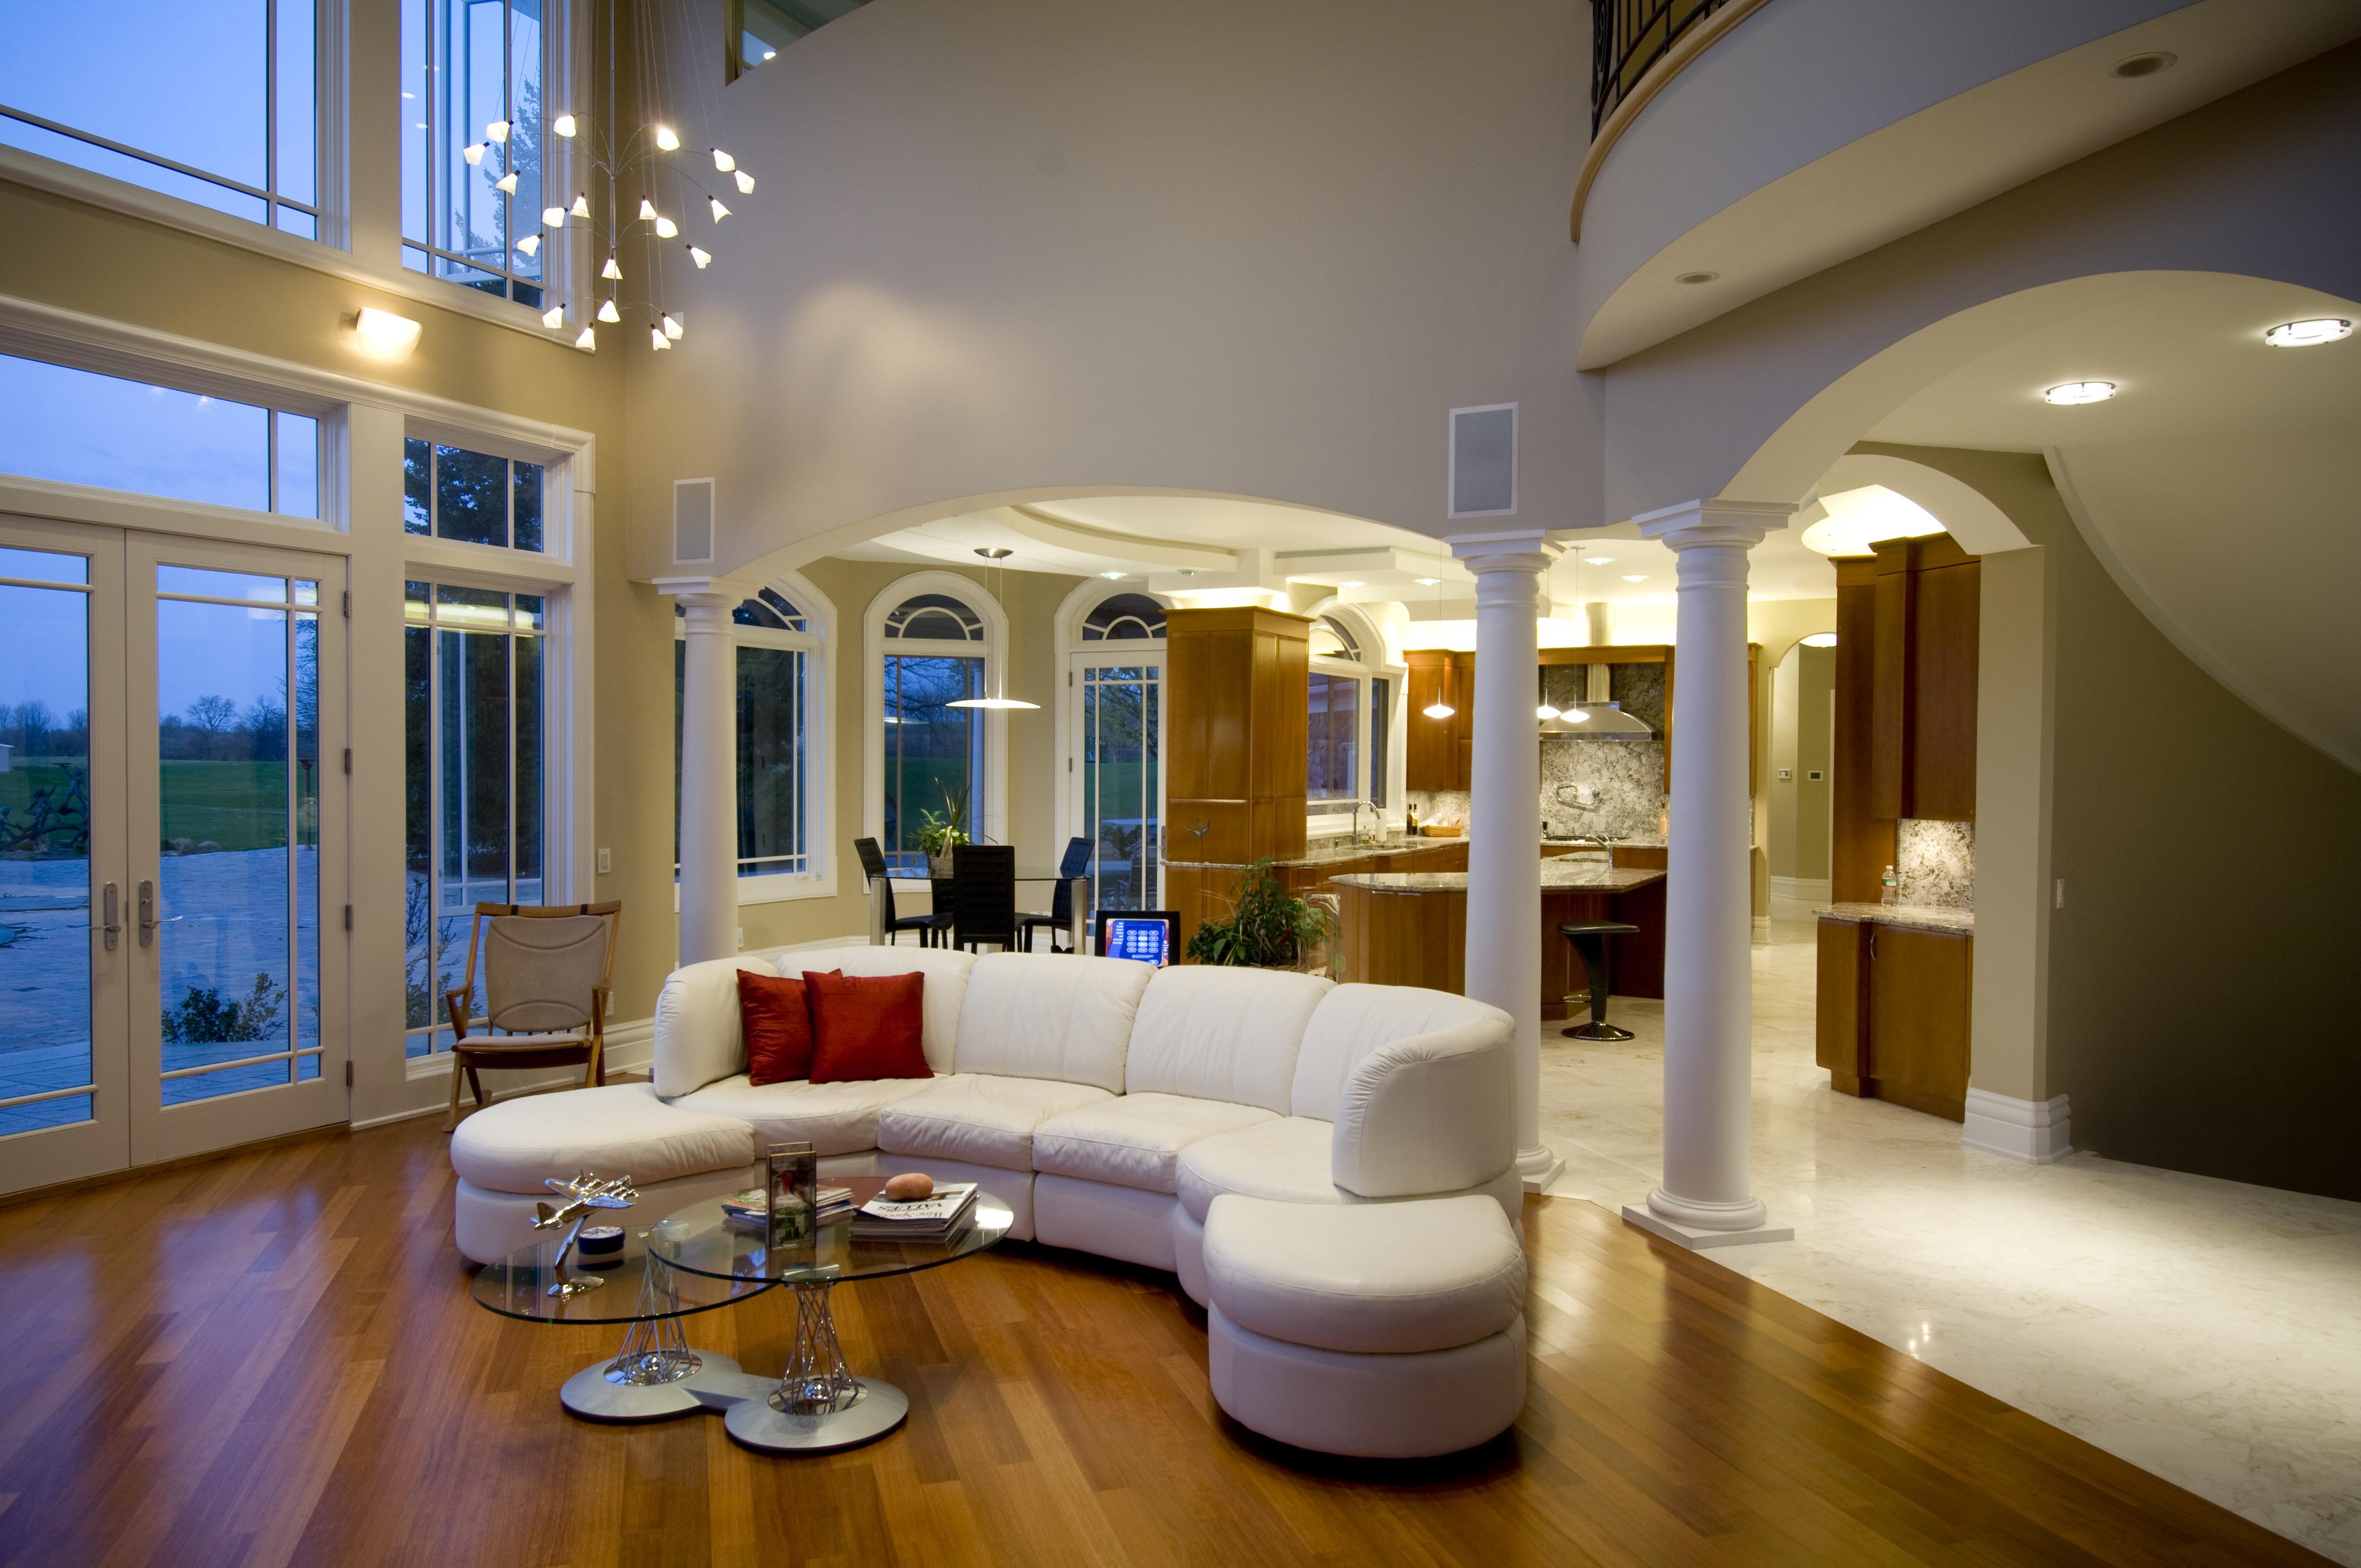 Красивые интерьеры квартир картинки фото